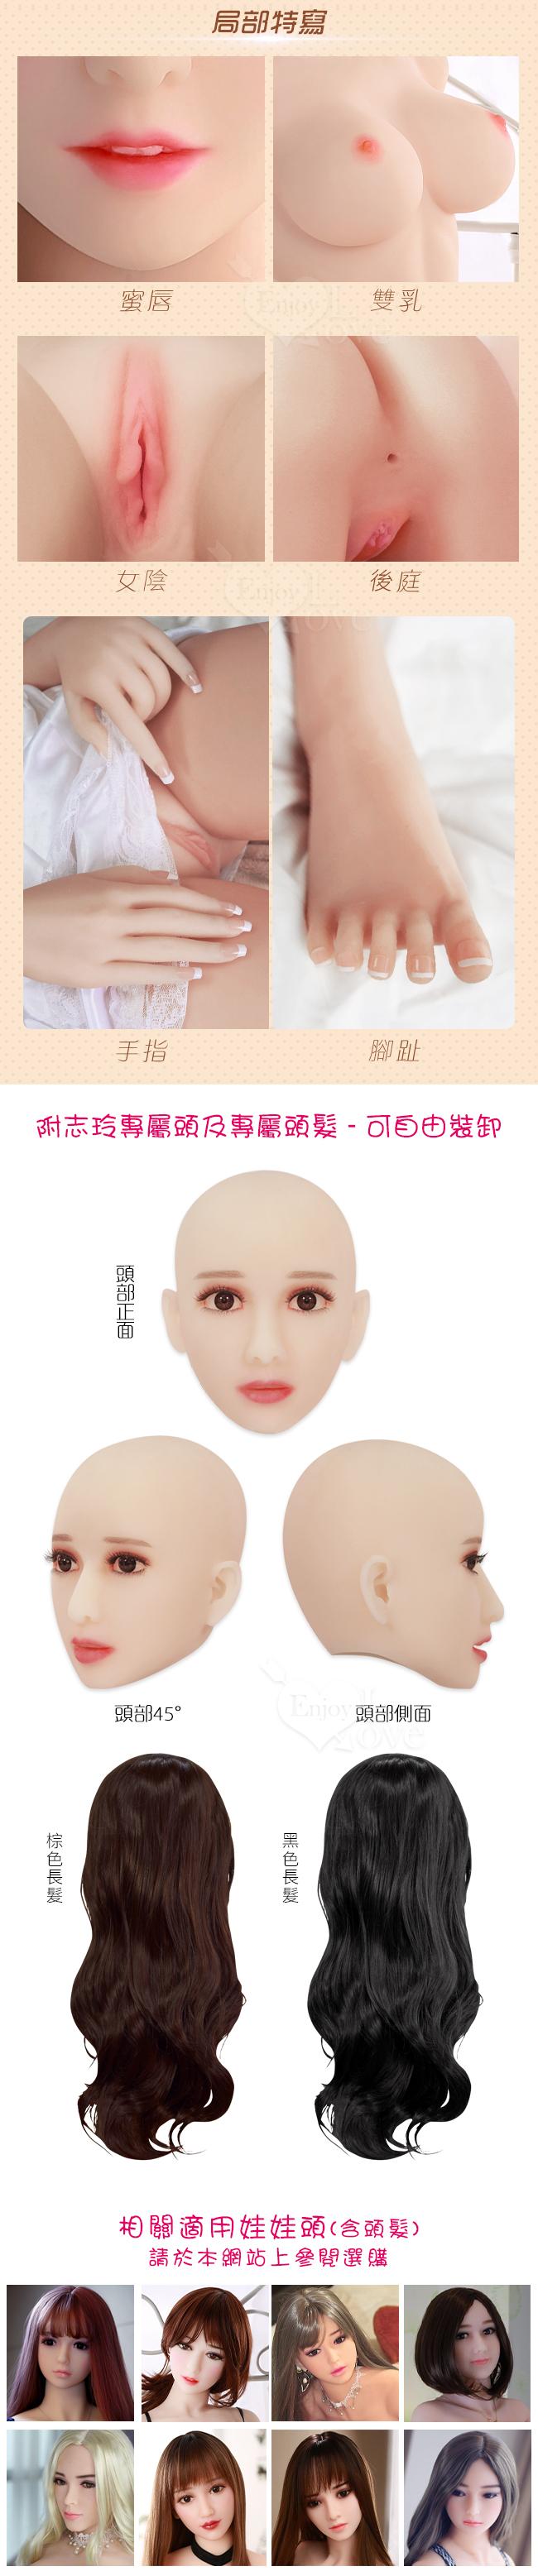 《 志玲 - 性感人妻 》全實體矽膠不銹鋼變形骨骼娃娃﹝158cm / 33kg﹞